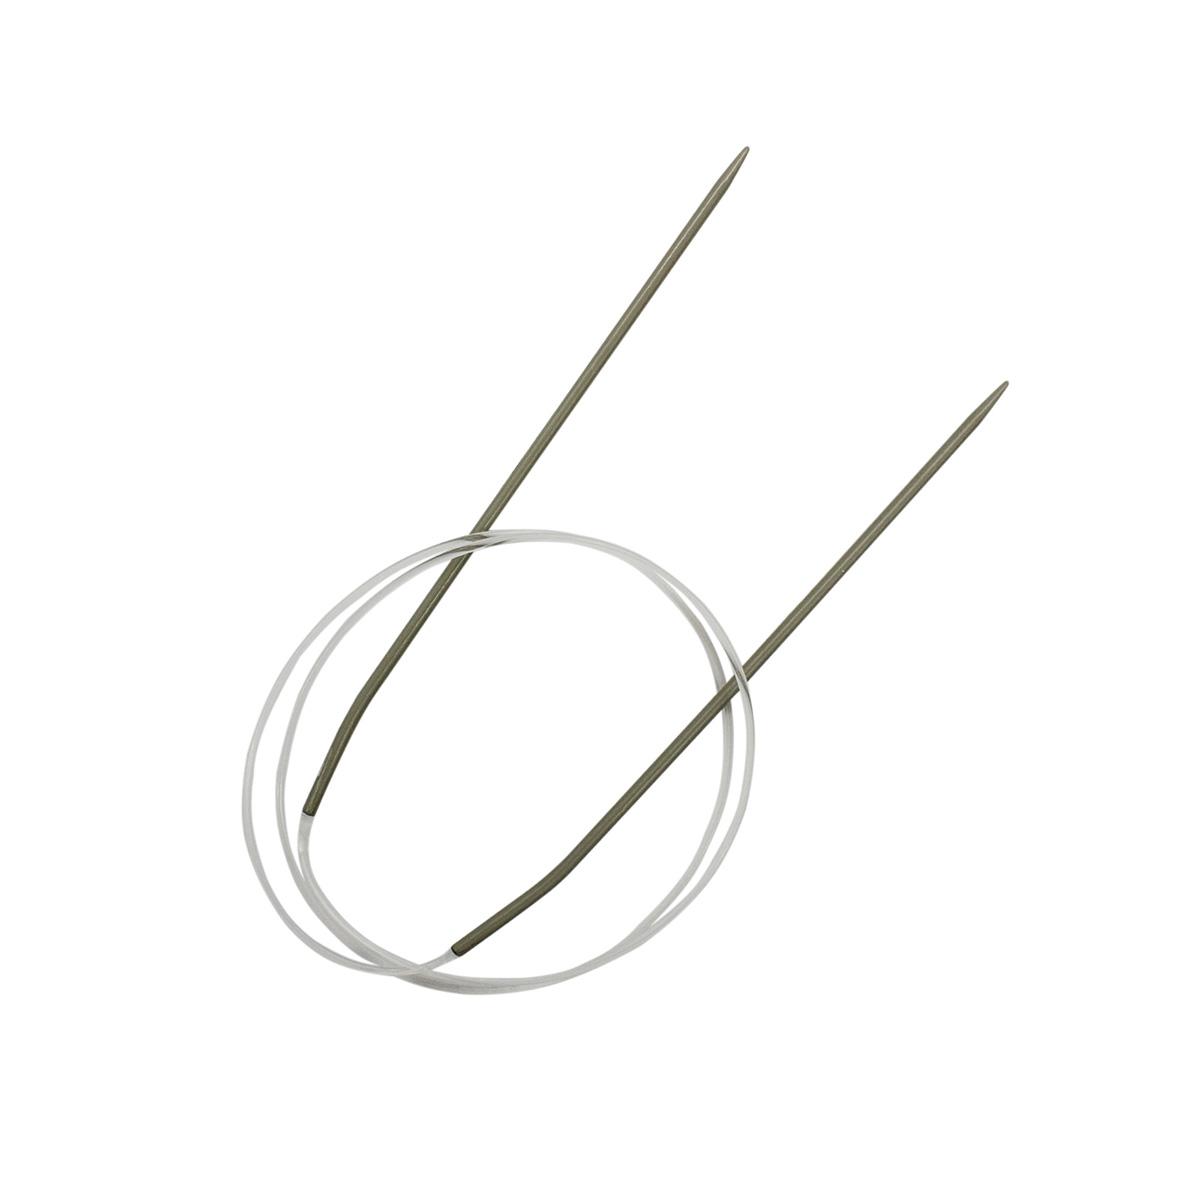 940125 Спицы круговые алюминиевые с покрытием 80см, 2,5мм Hobby&Pro